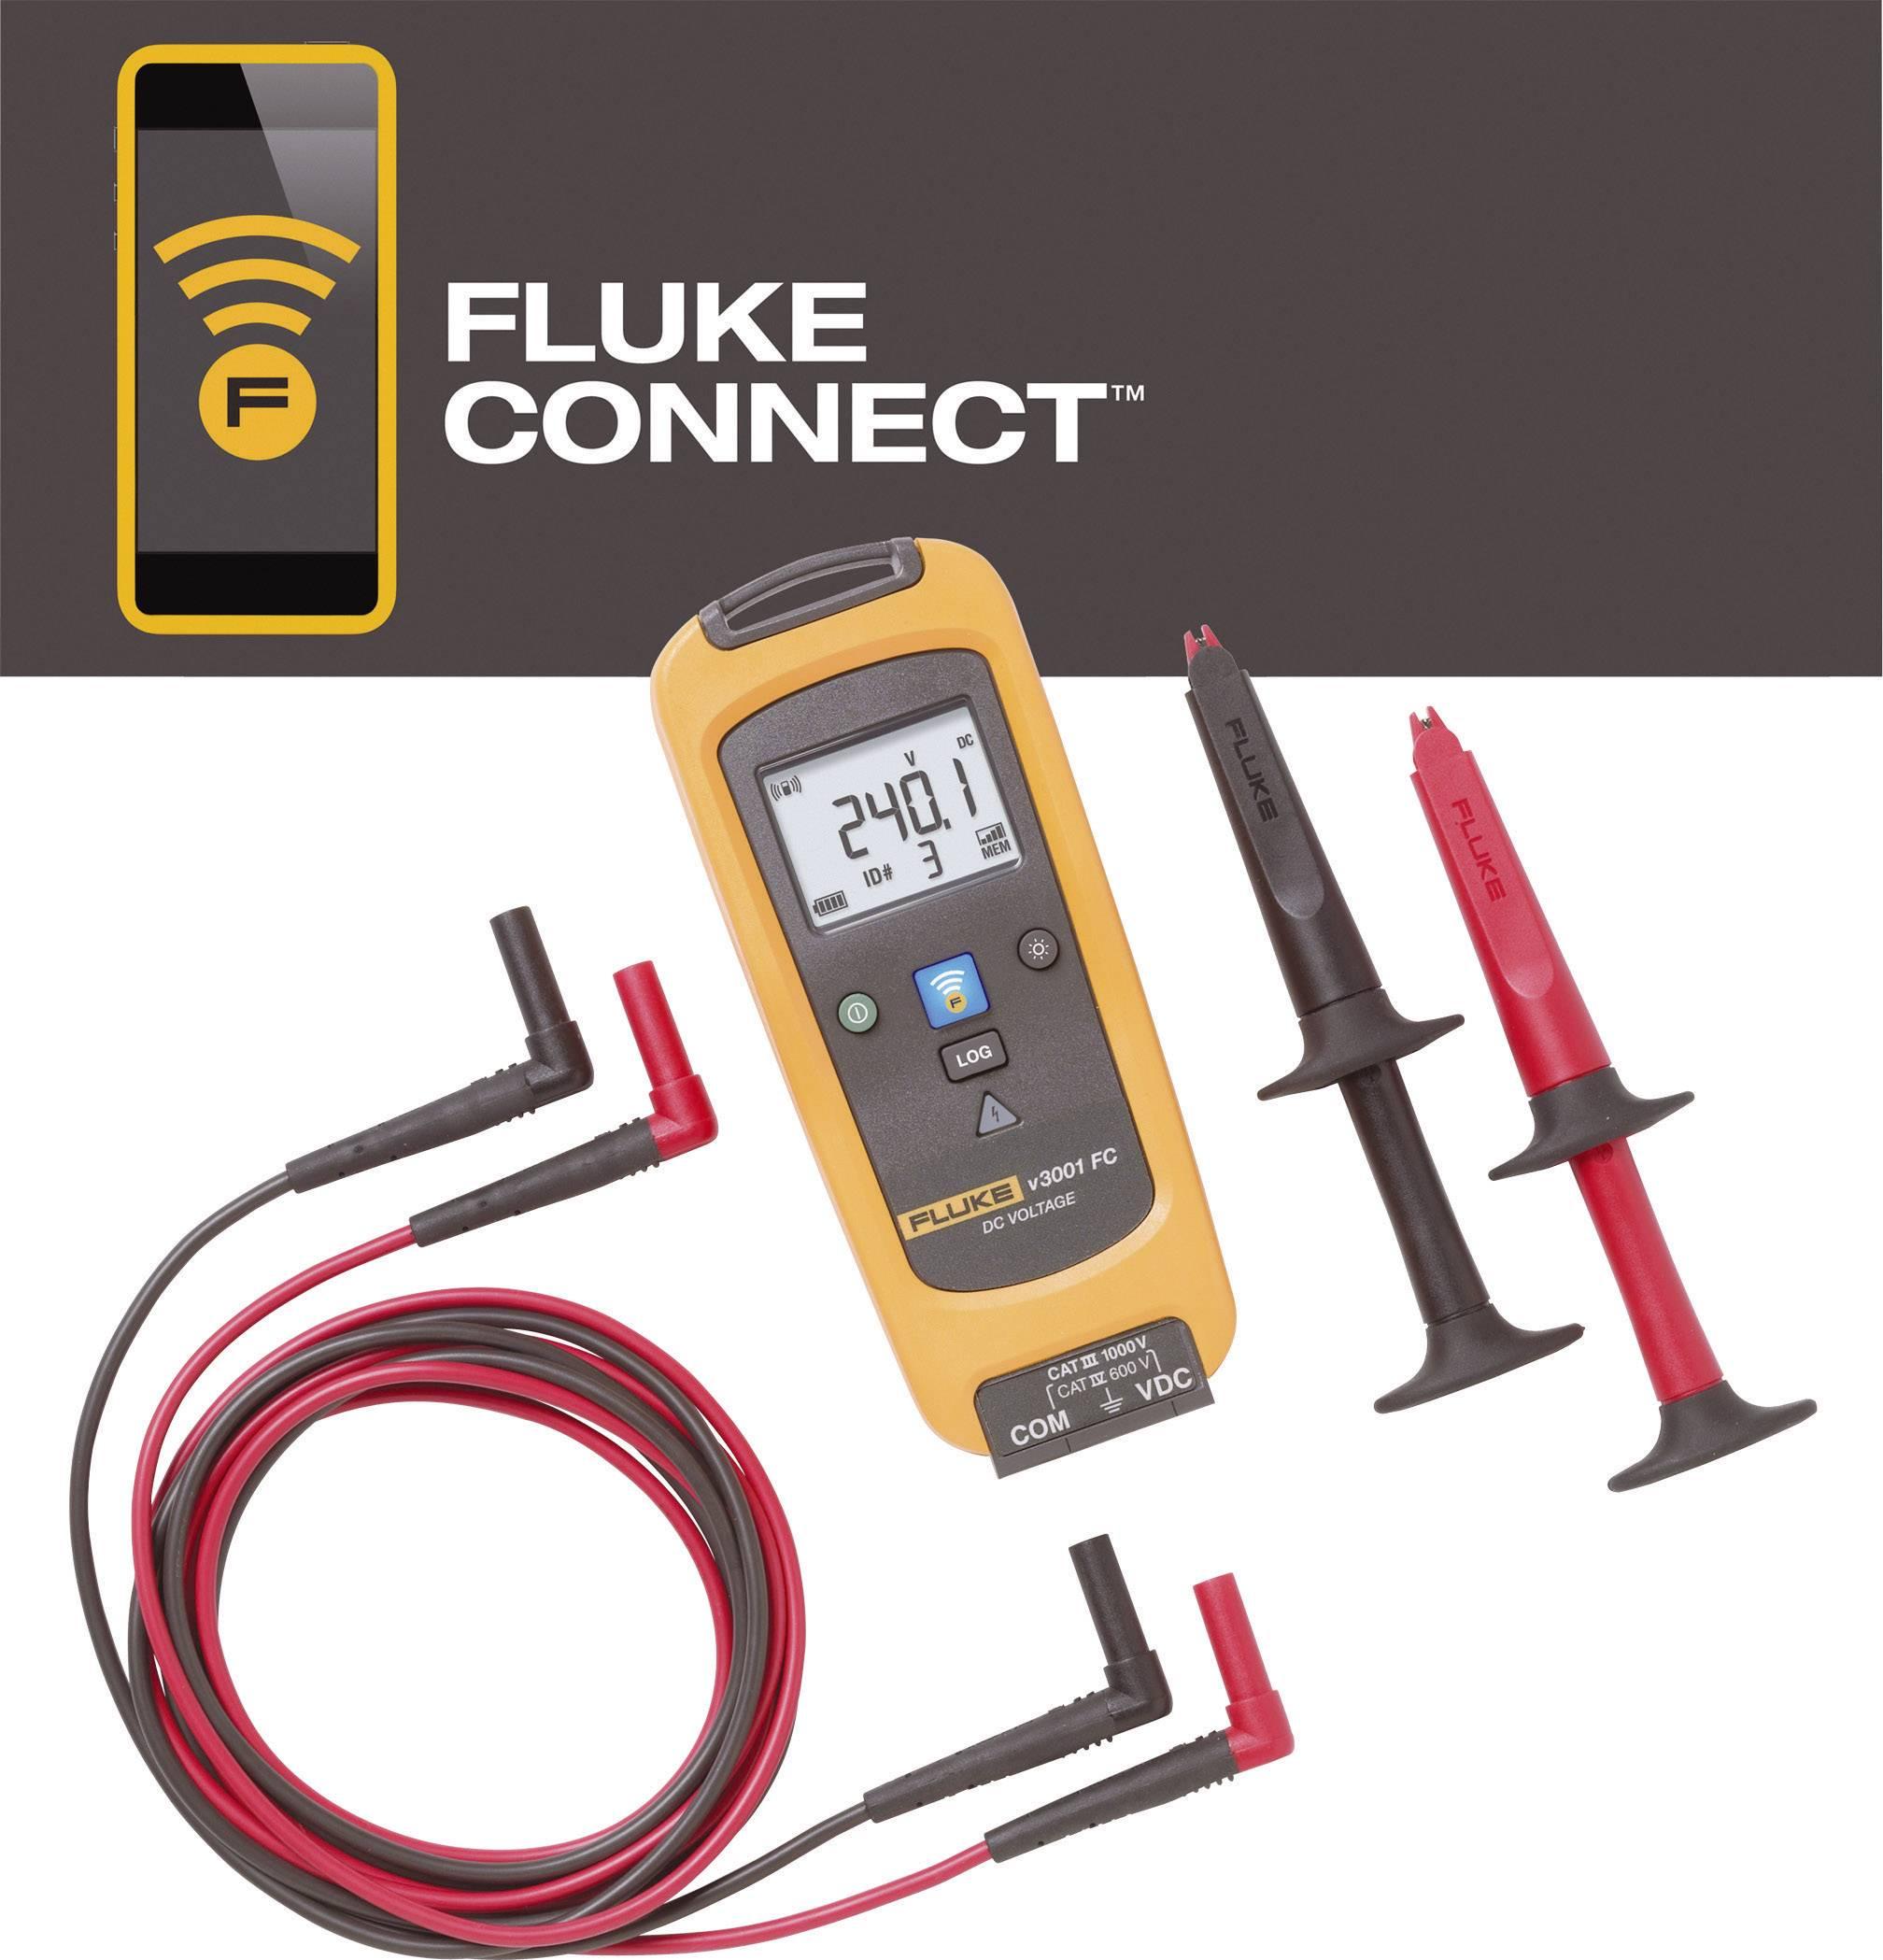 Bezdrátový napěťový modul Fluke FLK-V3001 FC, Fluke Connect, 4459421